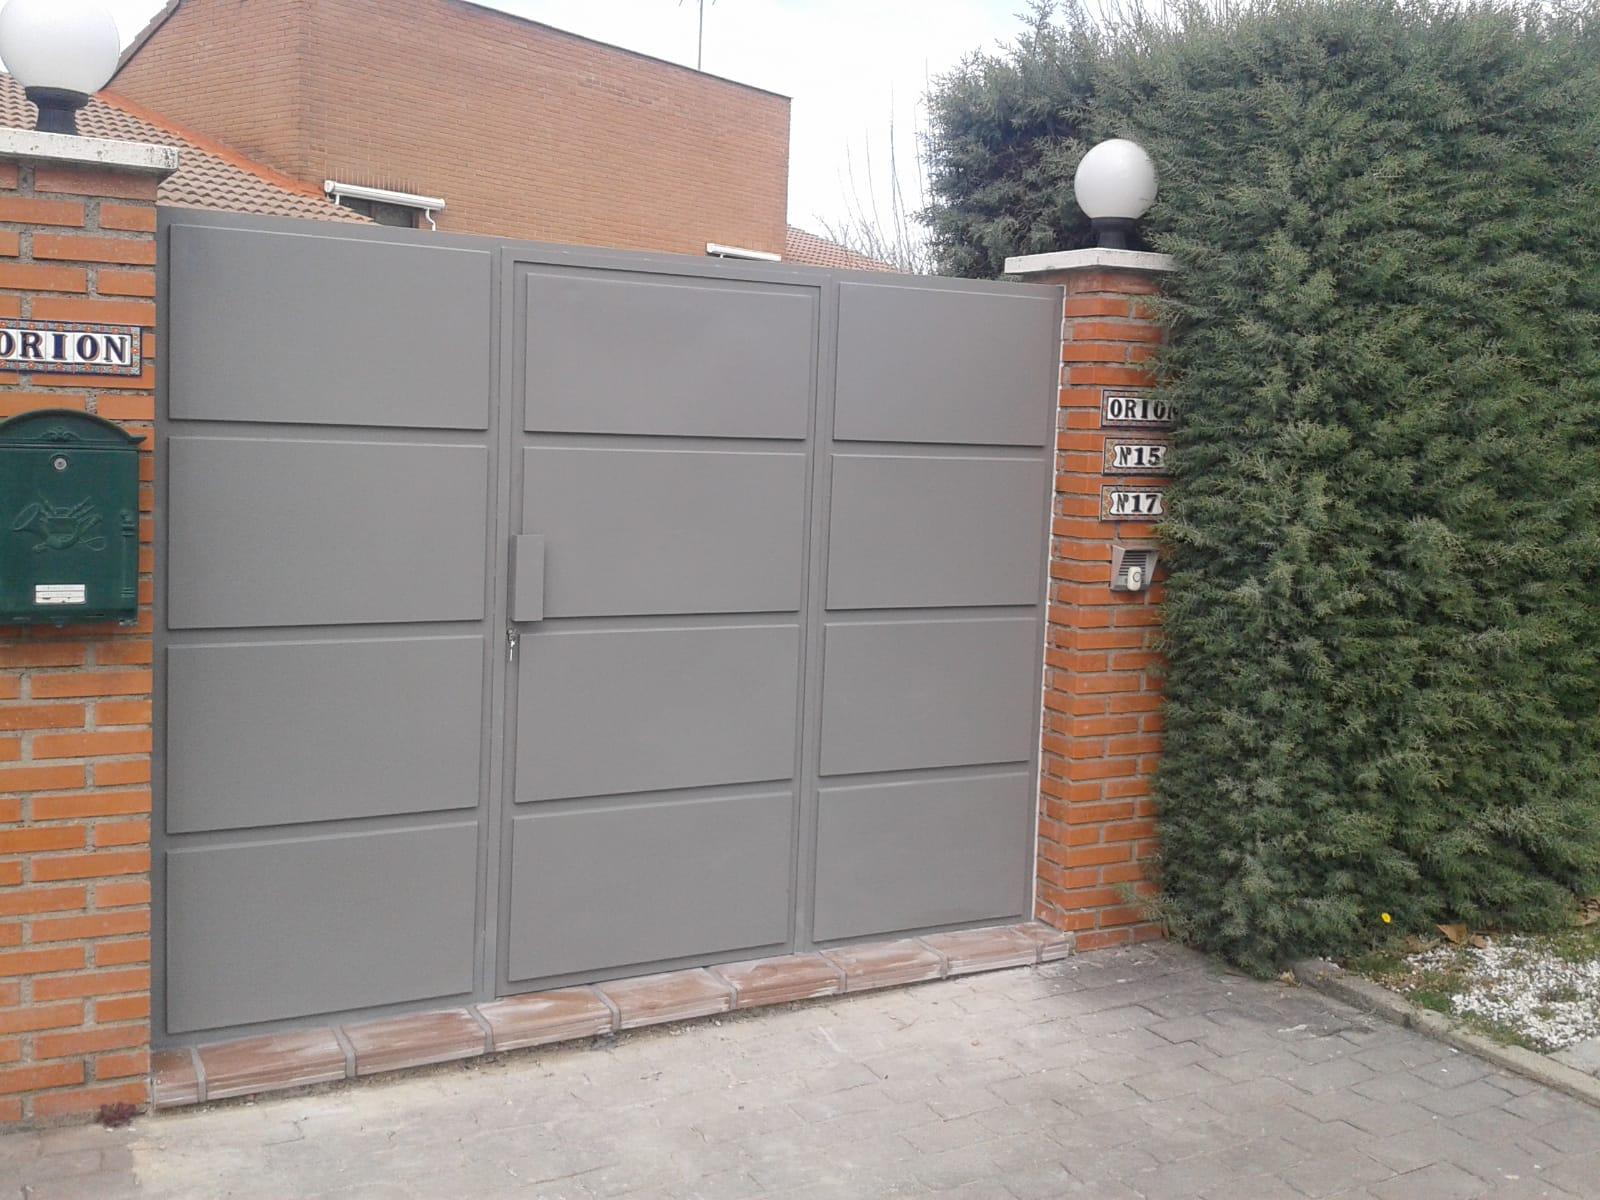 Puerta de acceso a vivienda unifamiliar